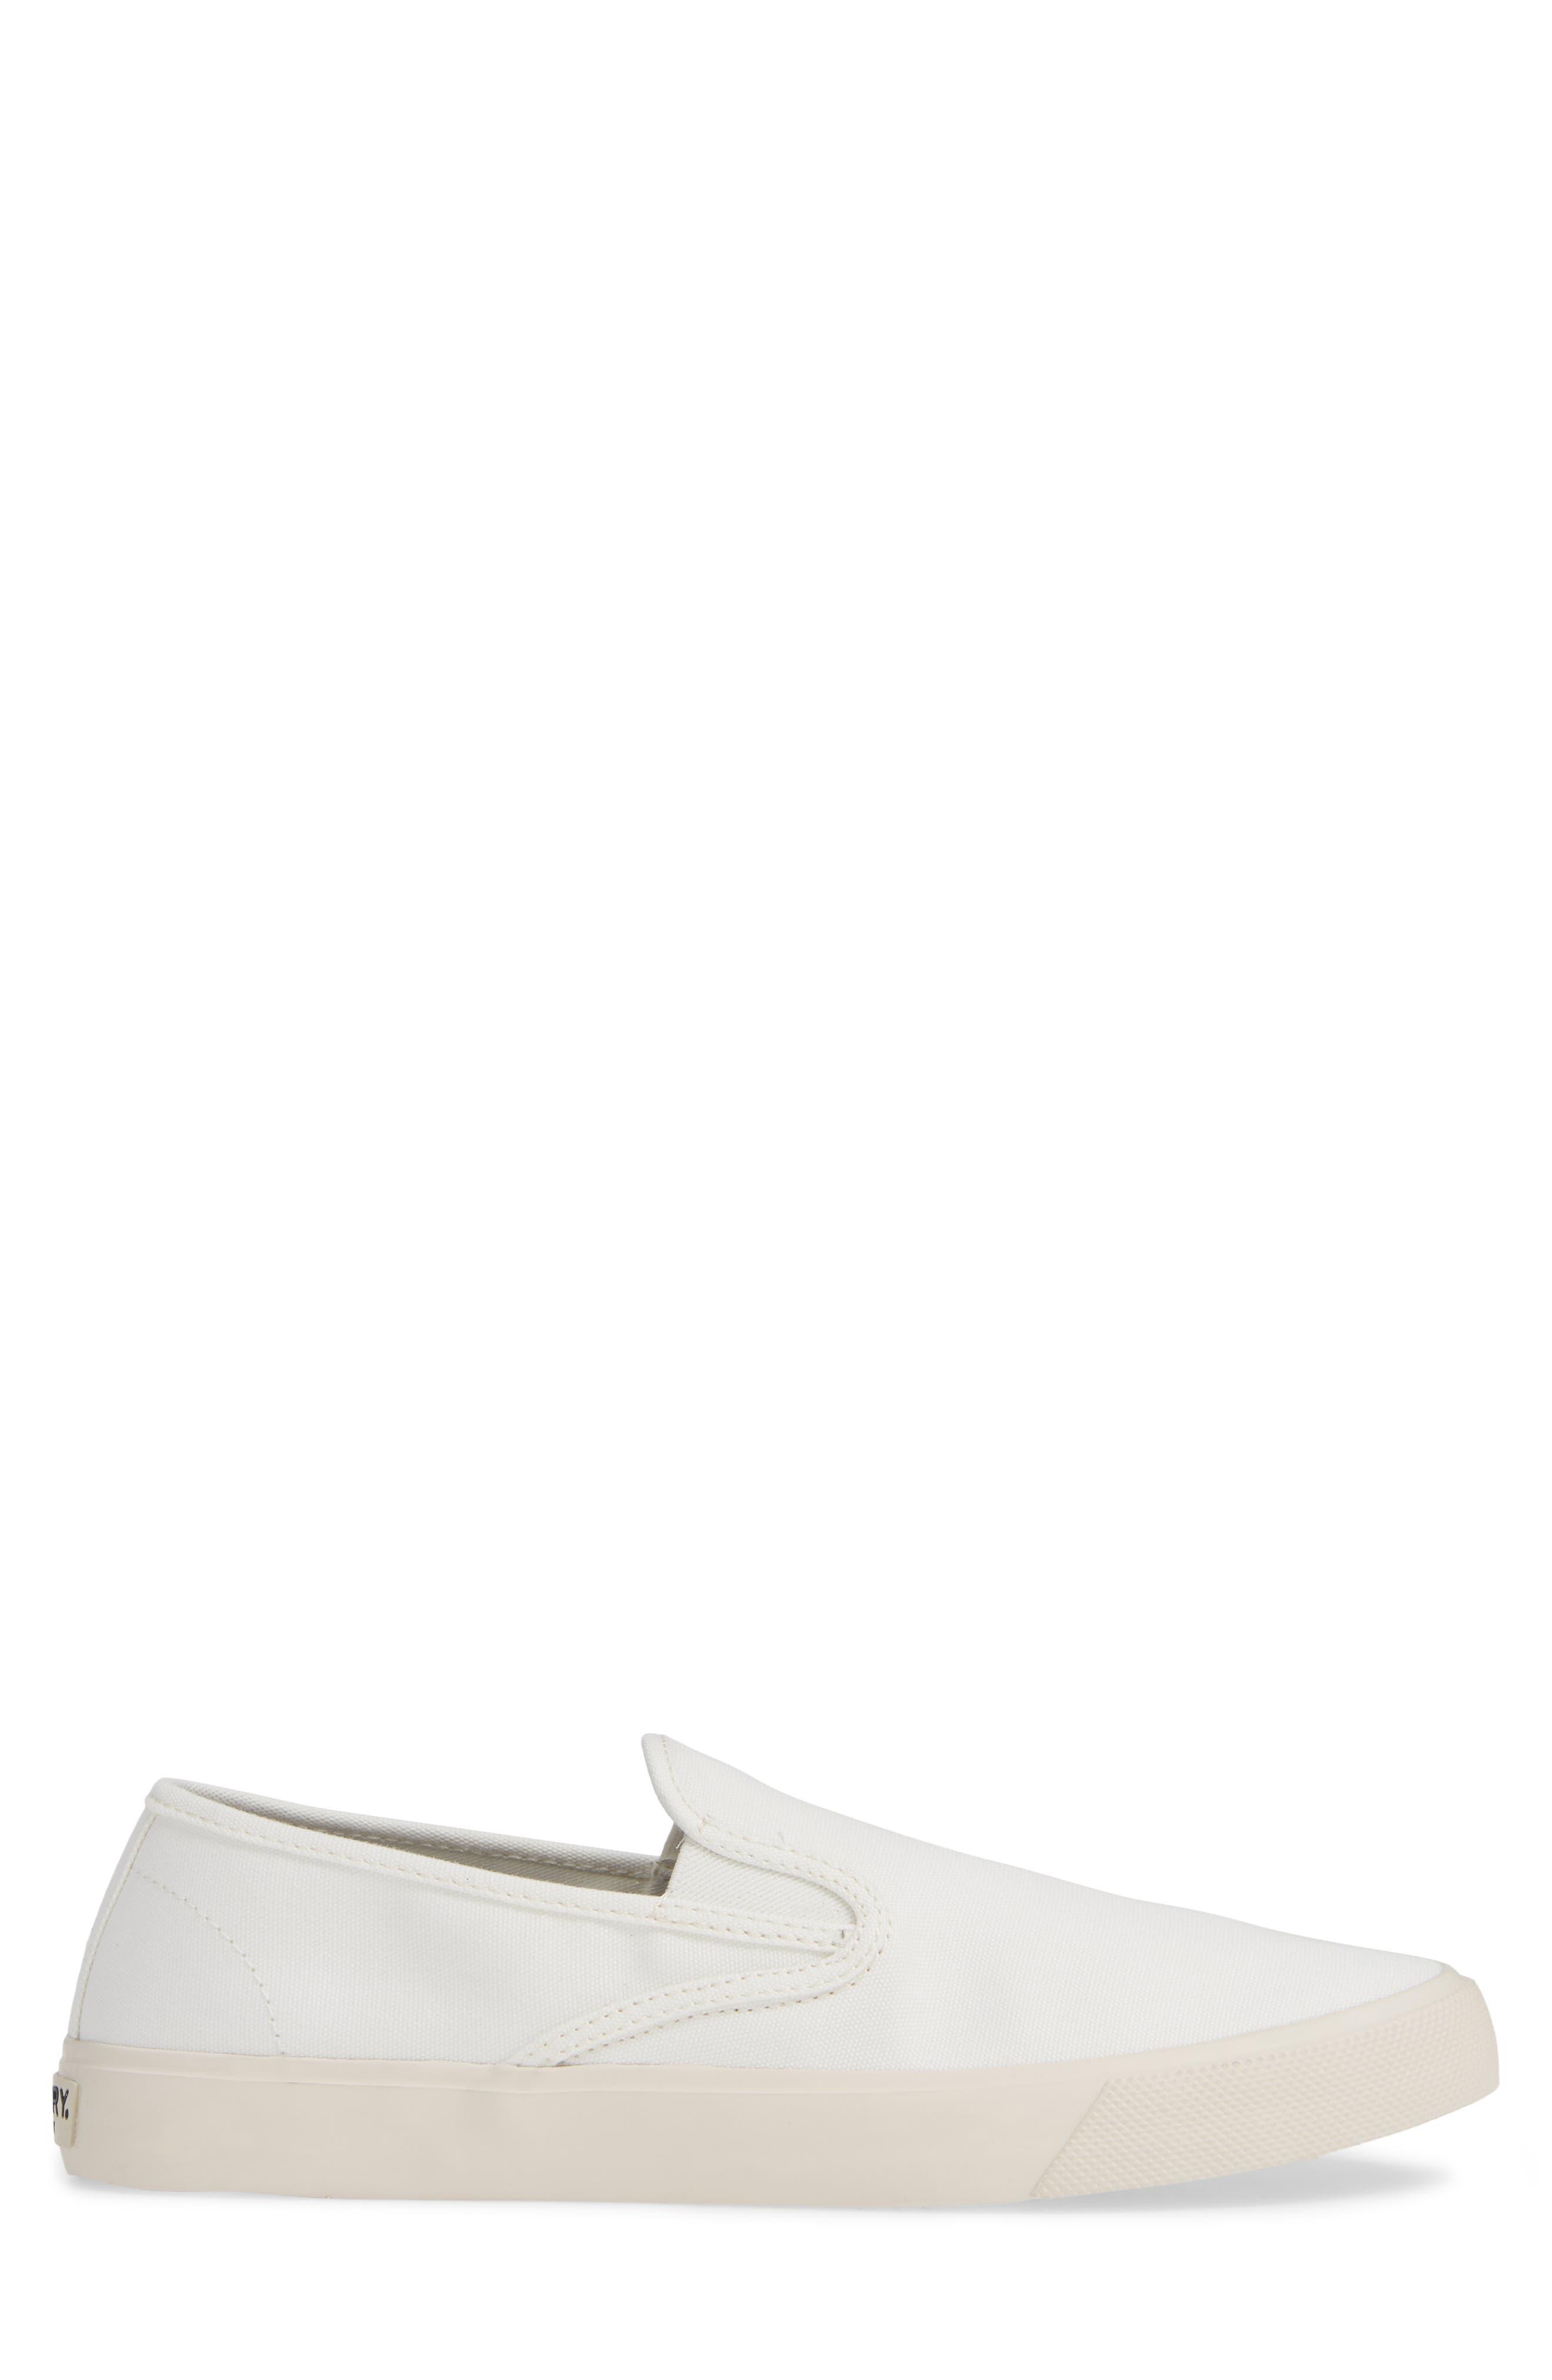 Striper II Slip-On Sneaker,                             Alternate thumbnail 3, color,                             WHITE